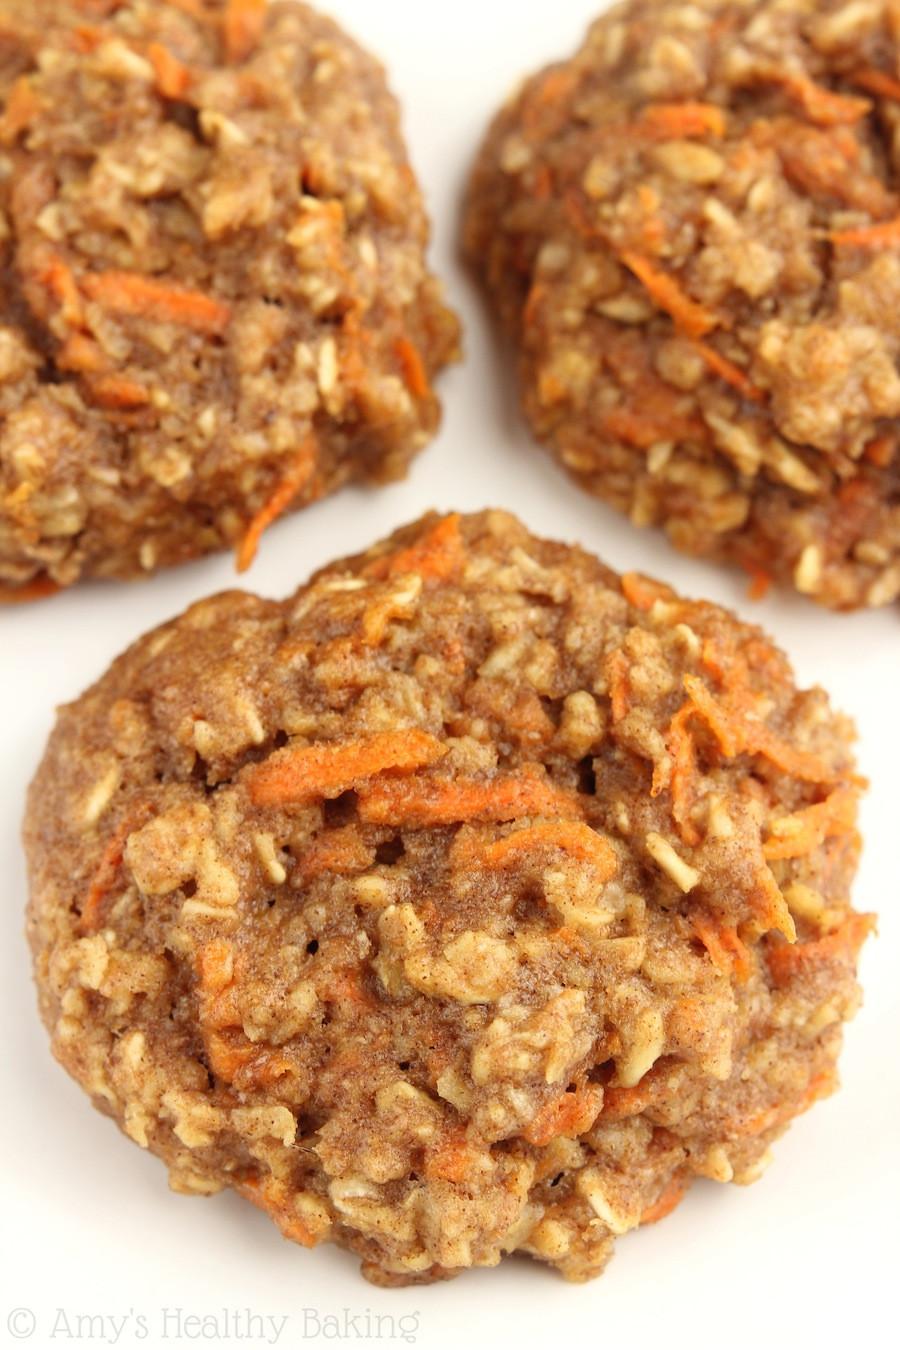 Healthy Carrot Cake Oatmeal  Carrot Cake Oatmeal Cookies